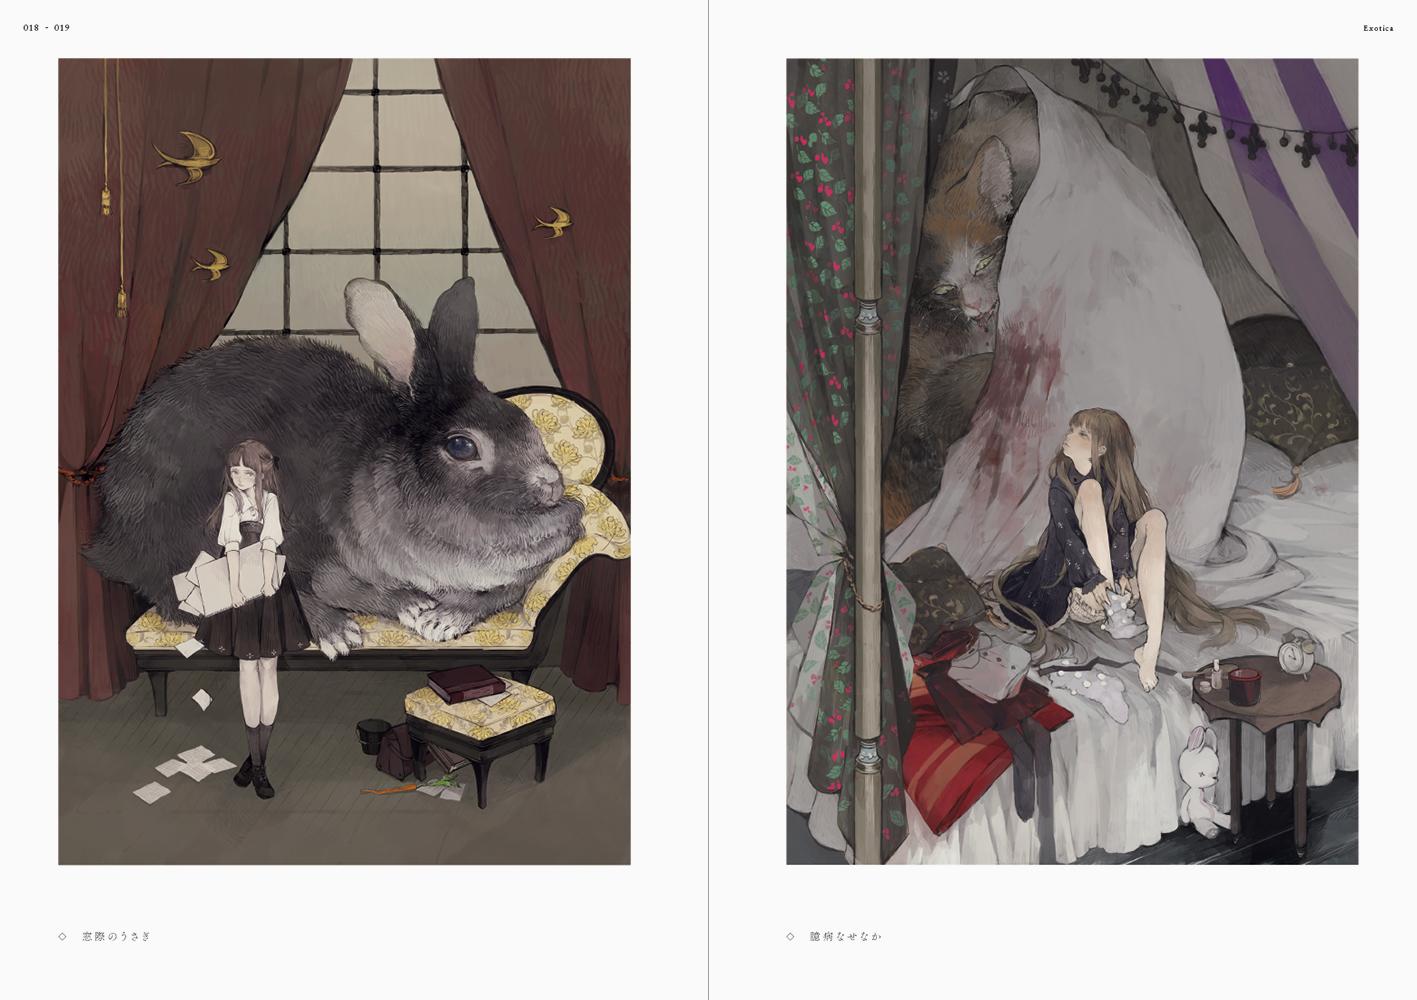 イラストレーターねこ助の初画集が発売 退廃的な世界に生きる少年少女